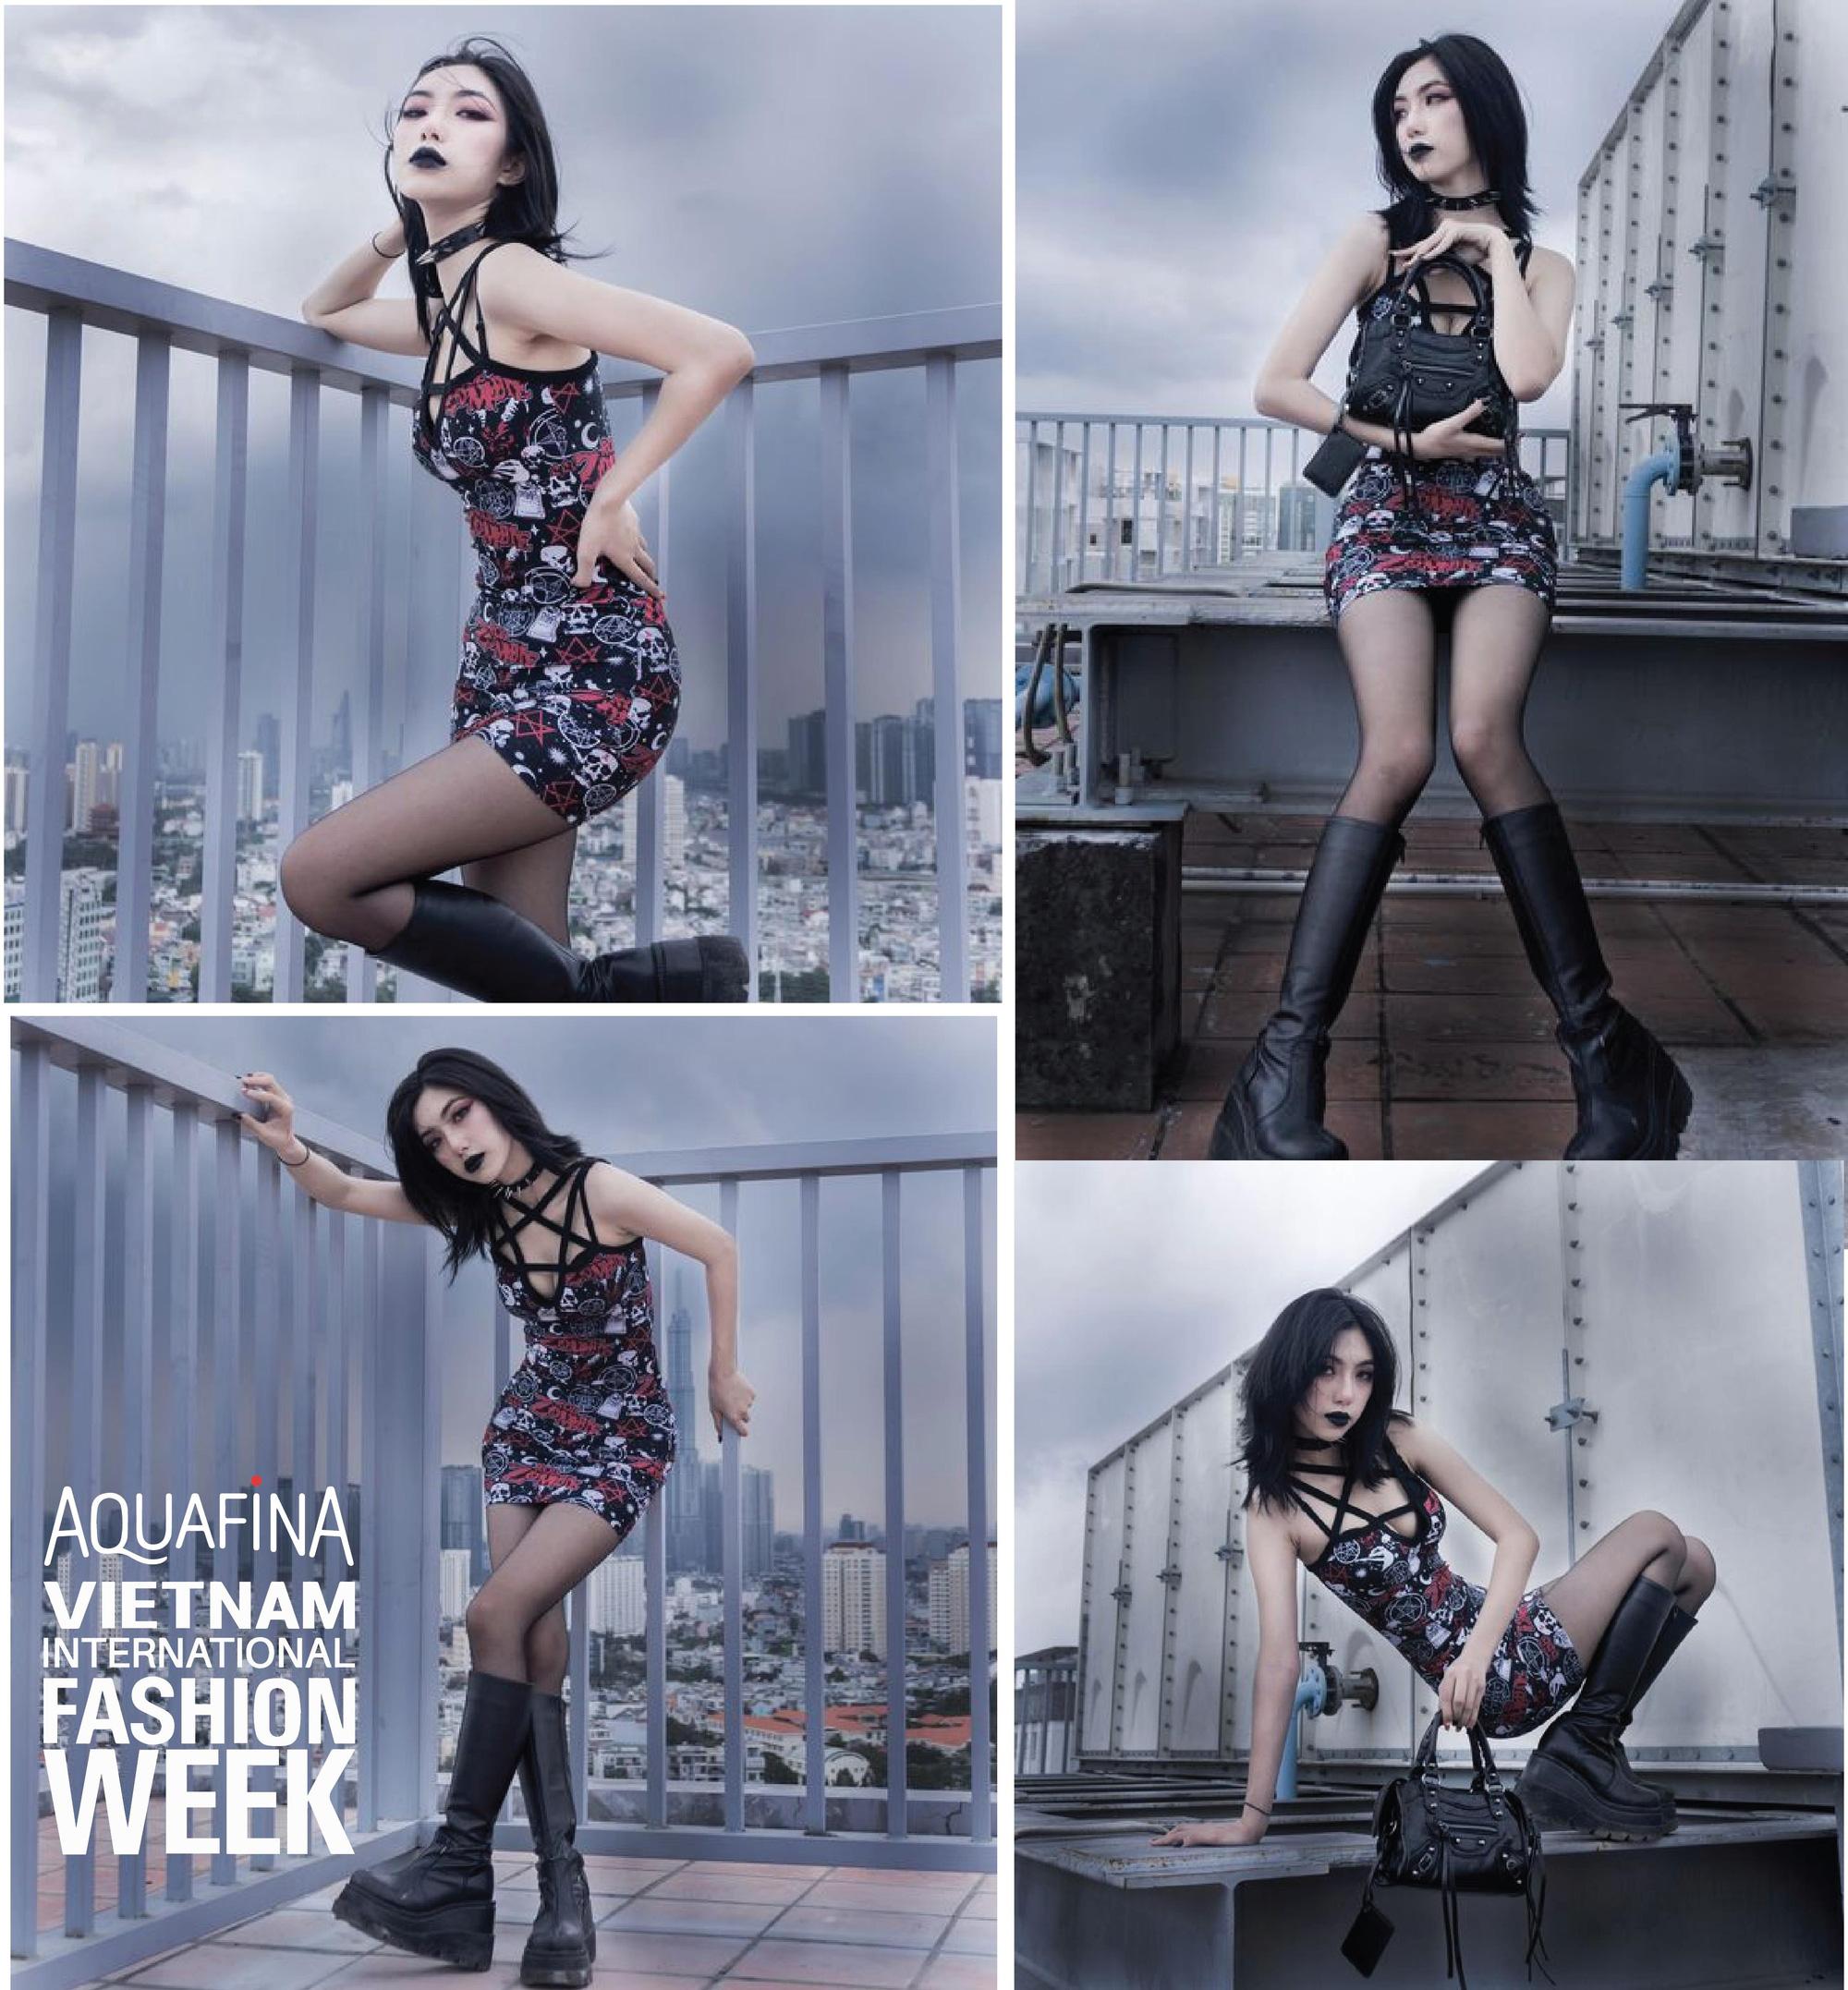 Ngắm Top 3 cuộc thi The Best Street Style của Aquafina Tuần lễ Thời trang Quốc tế Việt Nam 2020! - Ảnh 5.